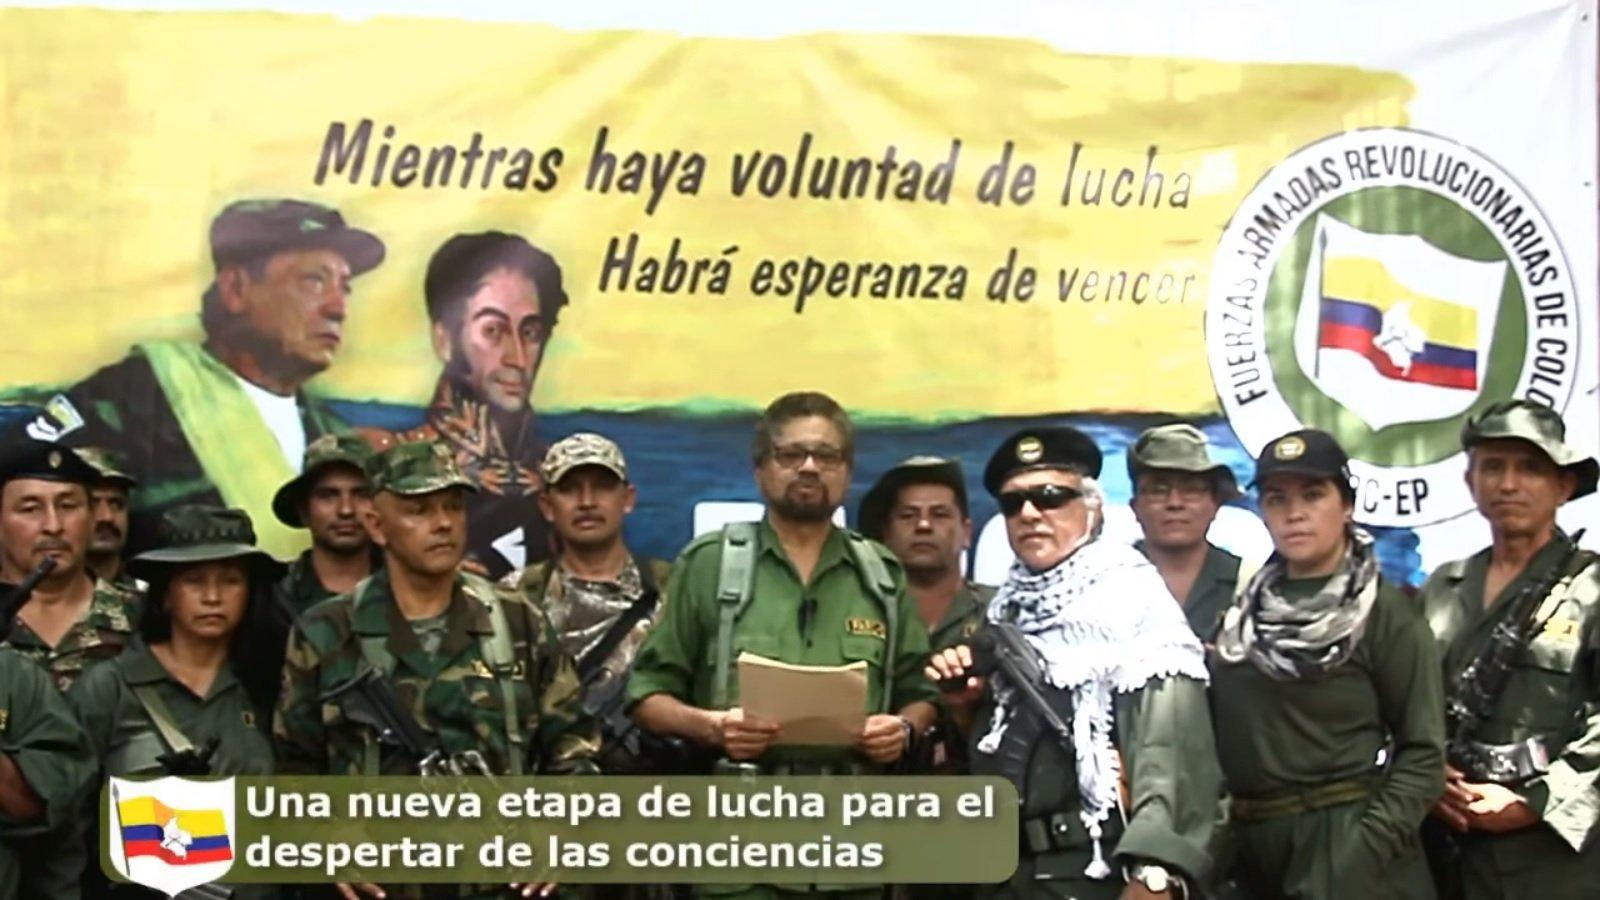 Iván Márquez retoma las armas. Colombia puede volver a la guerra... civil